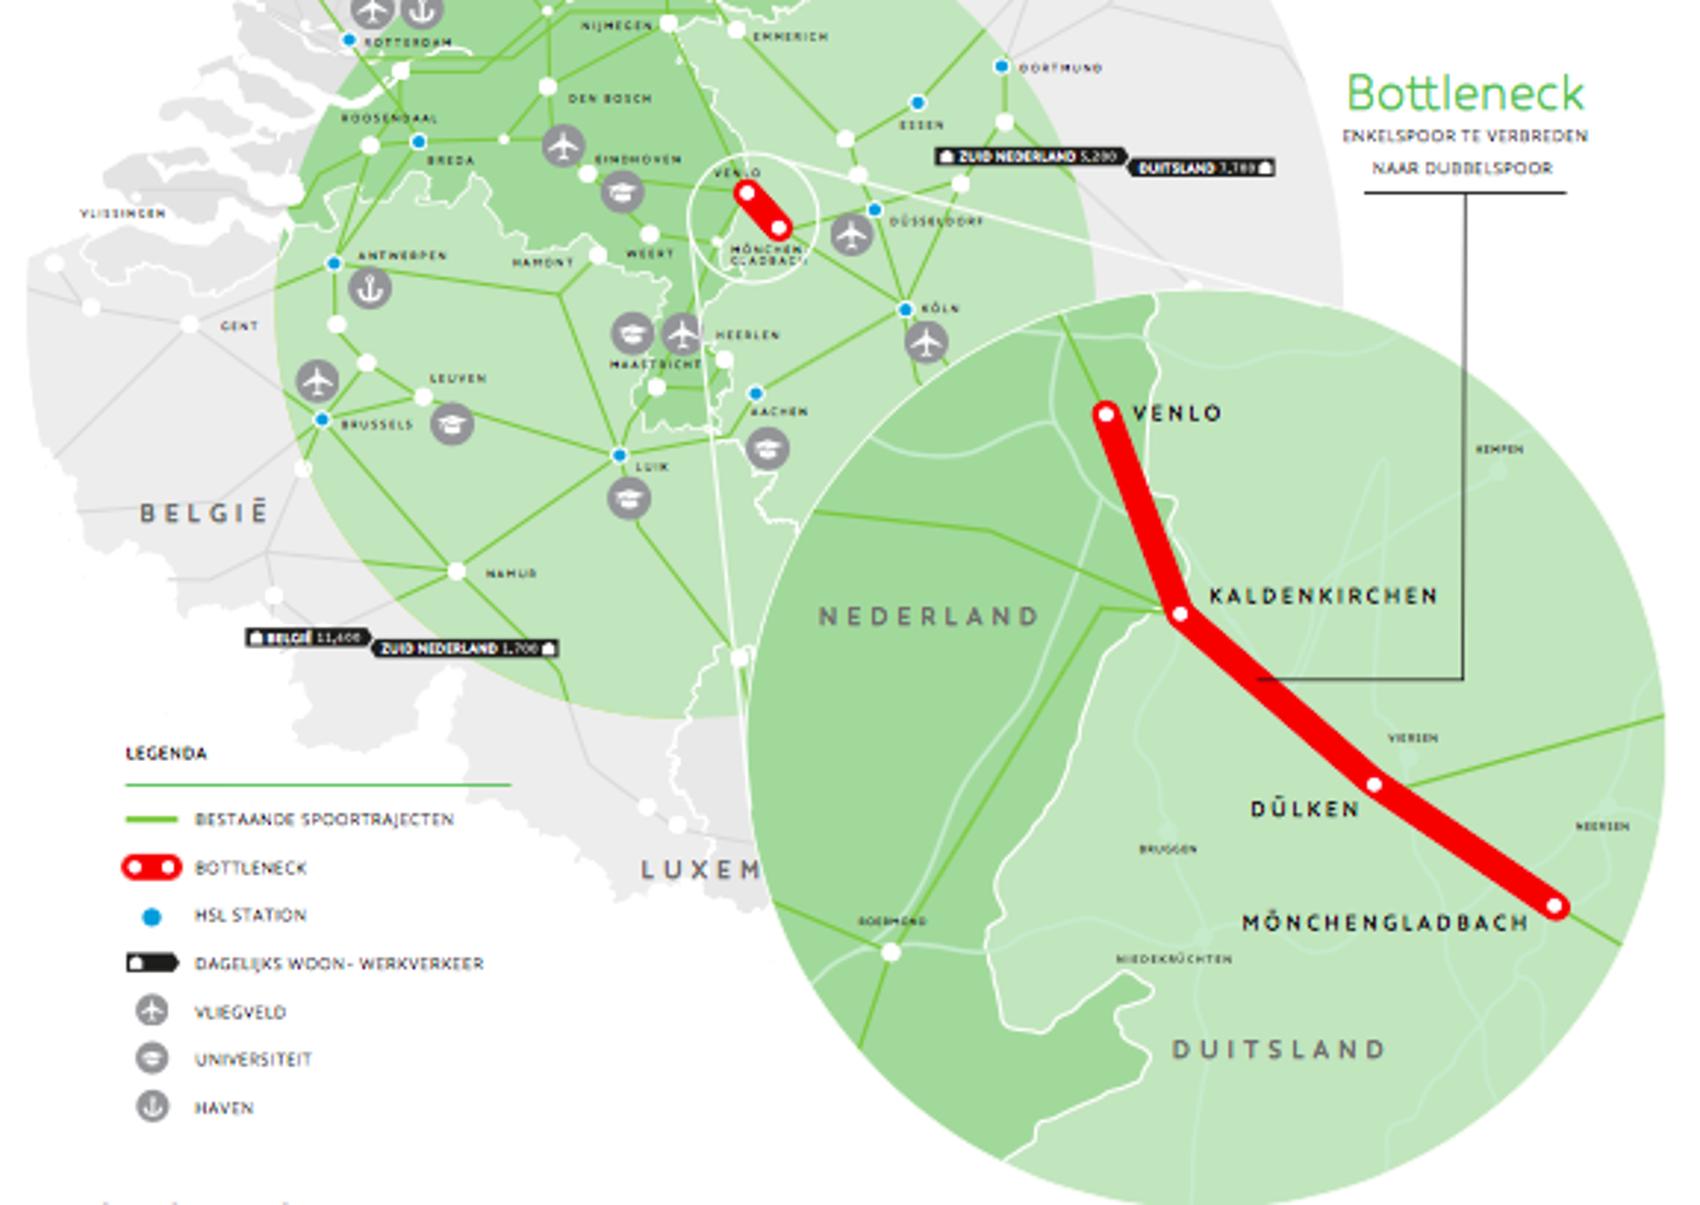 Mooie stappen voor grensoverschrijdend treinreizen